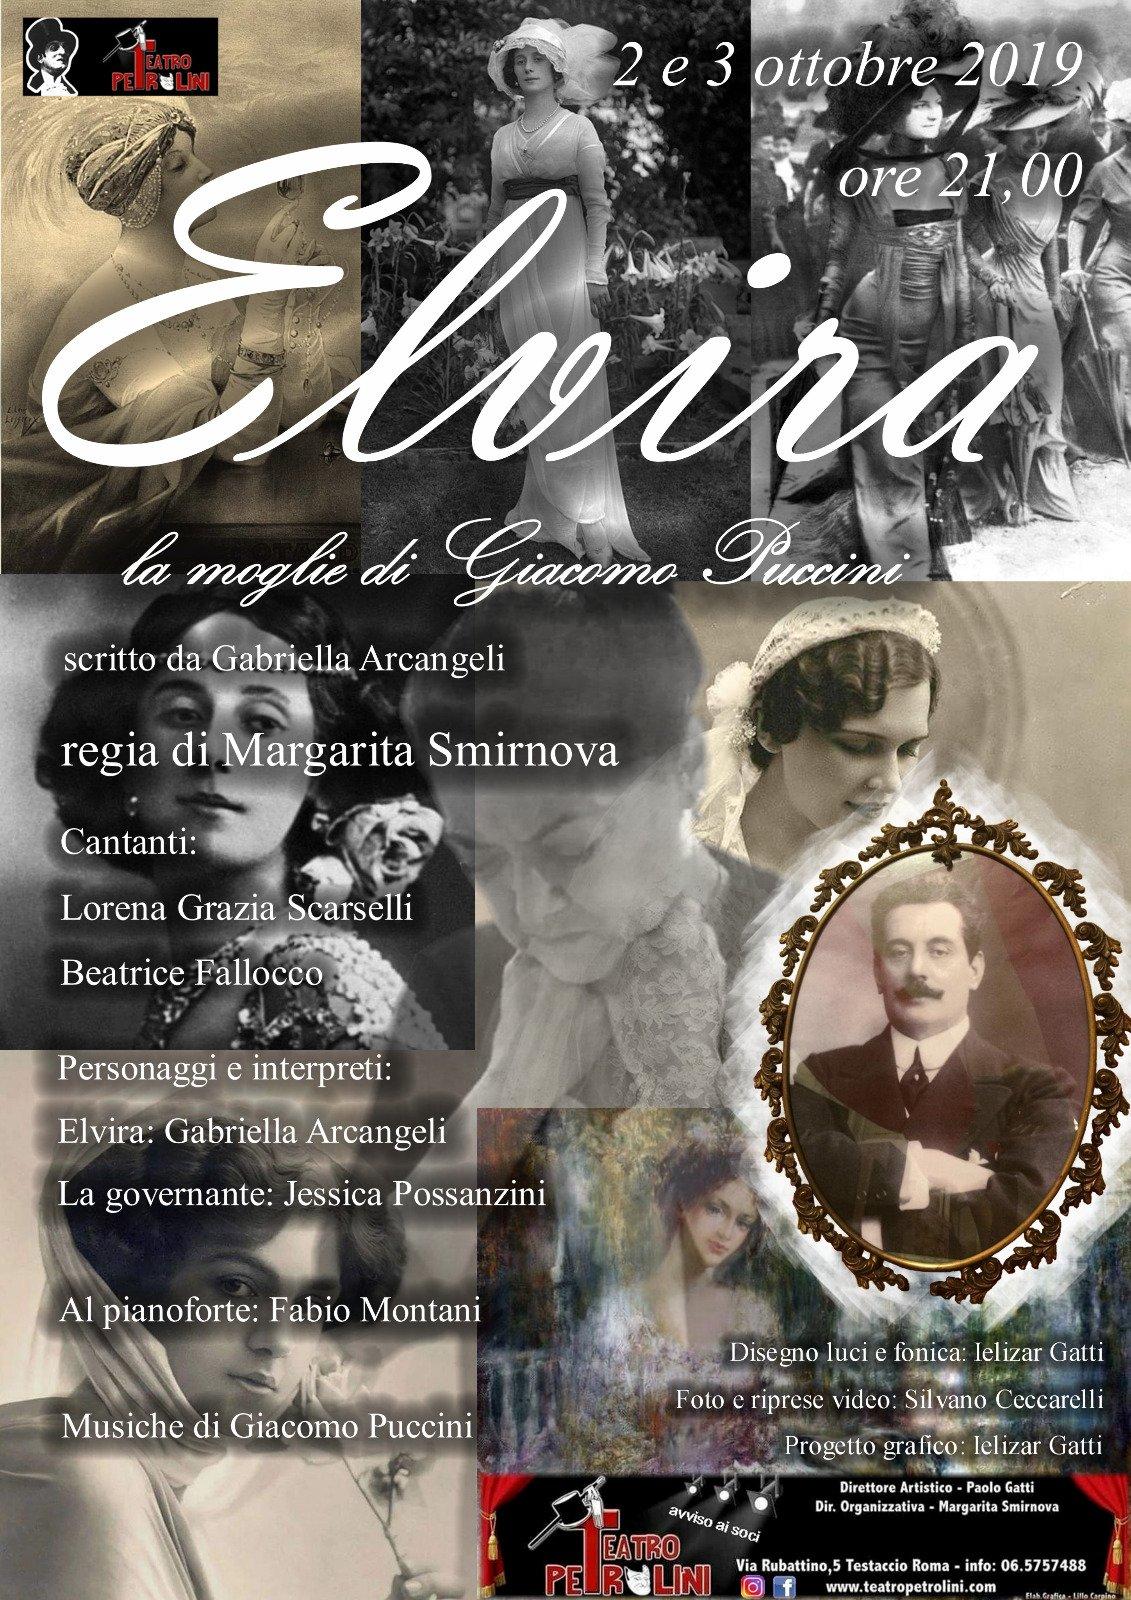 Elvira Bonturi, la moglie di Giacomo Puccini - Locandina